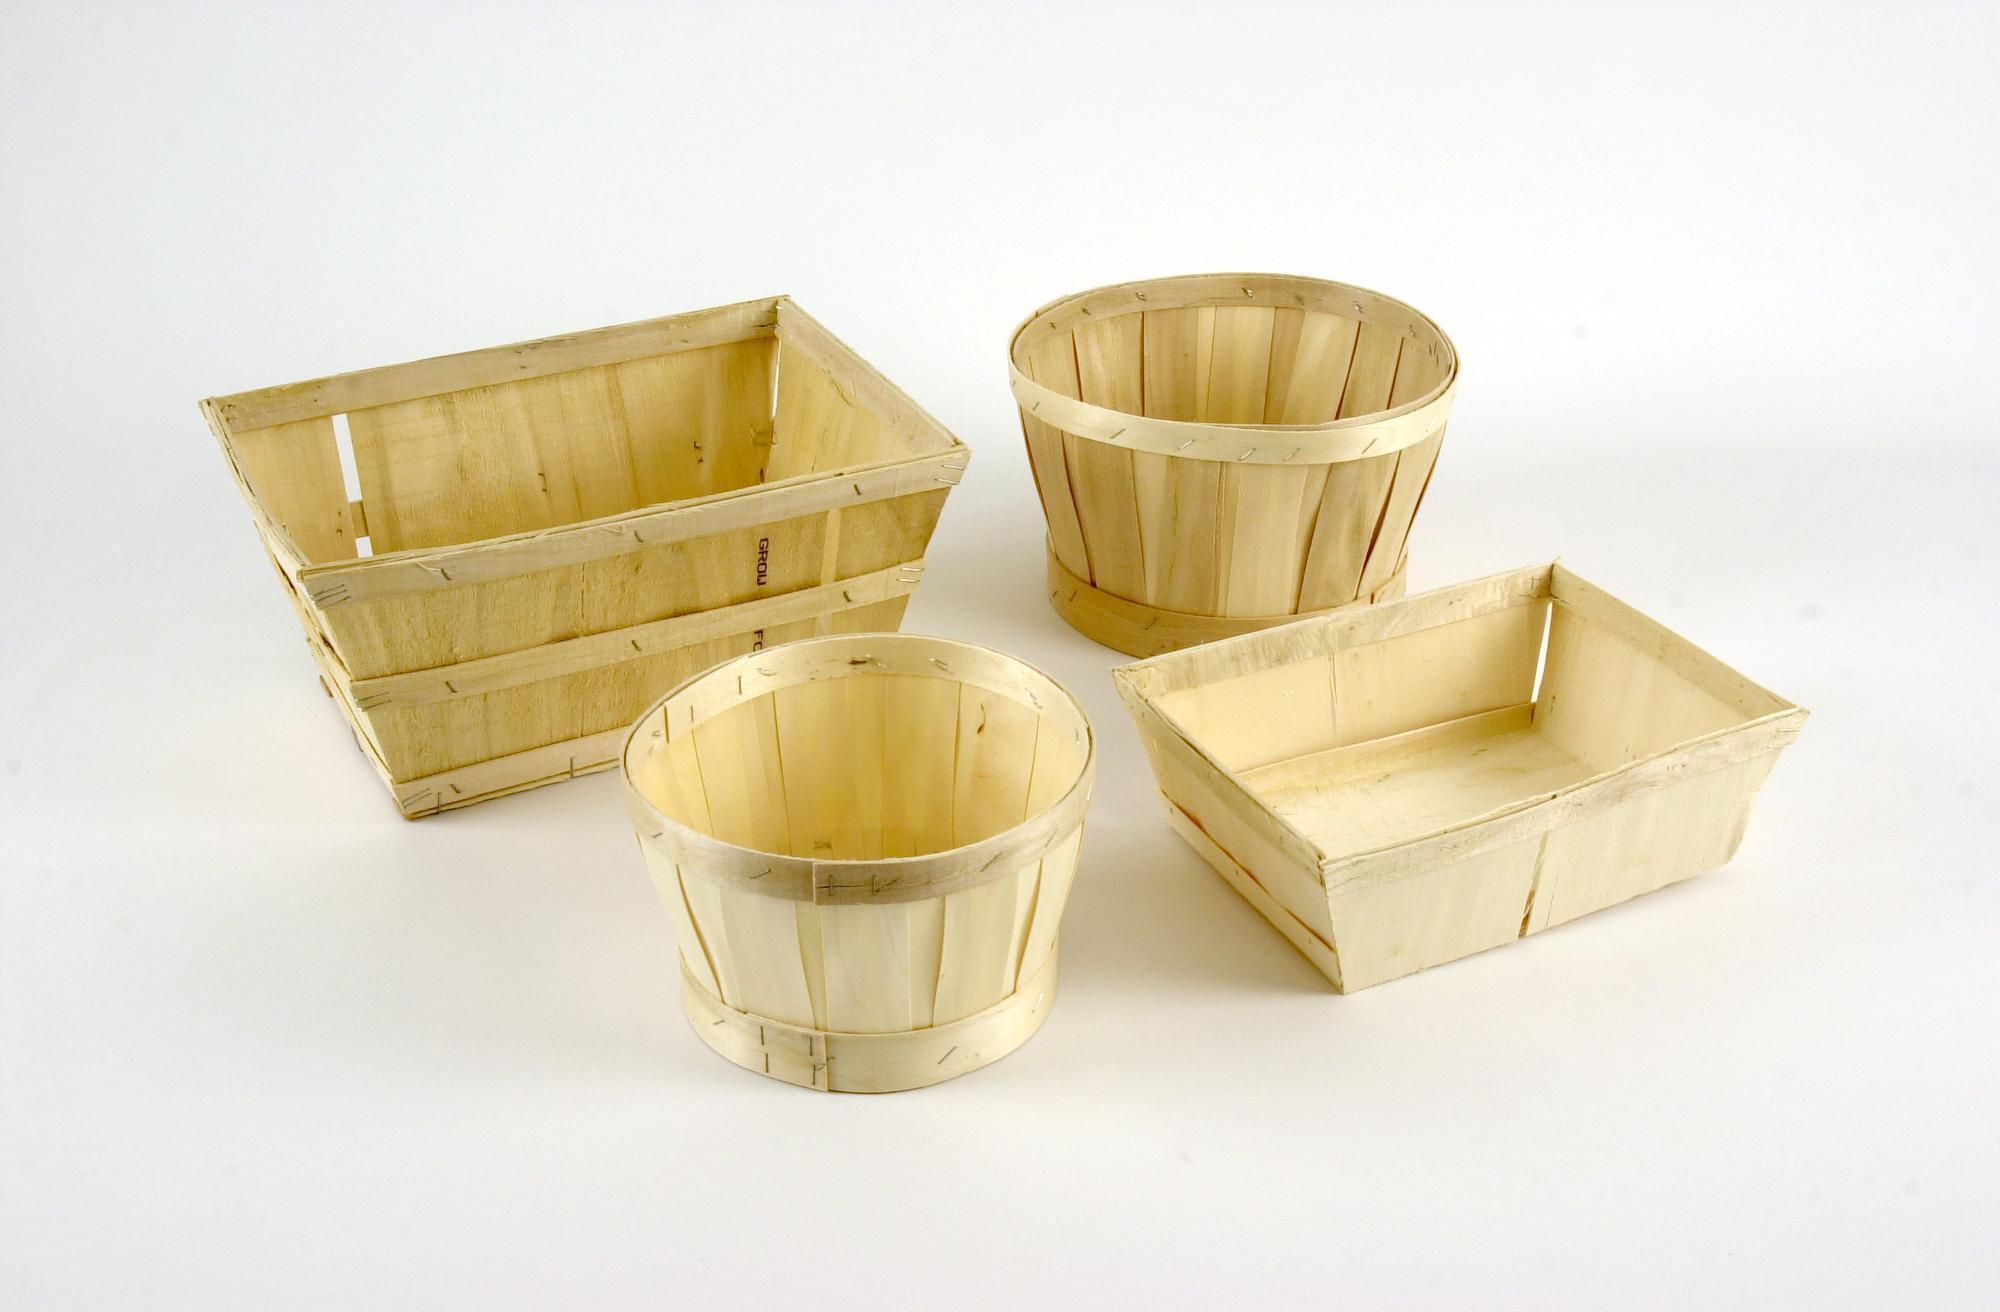 Produits de la mer - Trouver des cagettes en bois ...